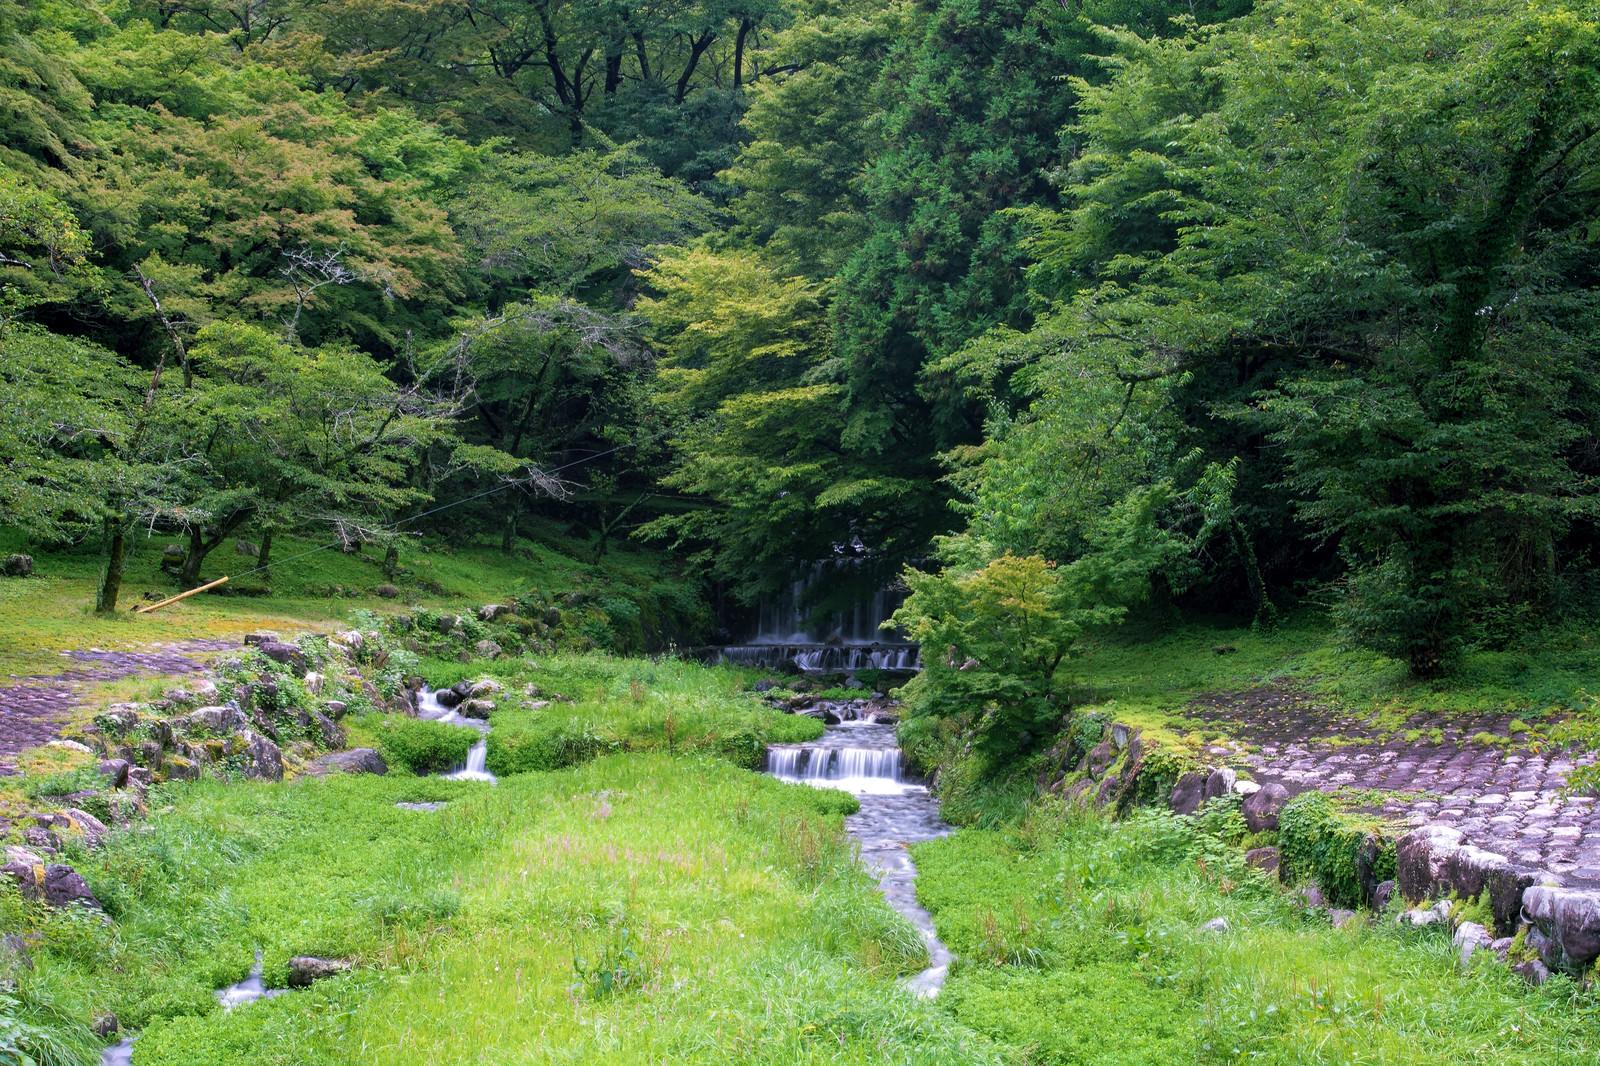 「新緑の森から続く小川」の写真